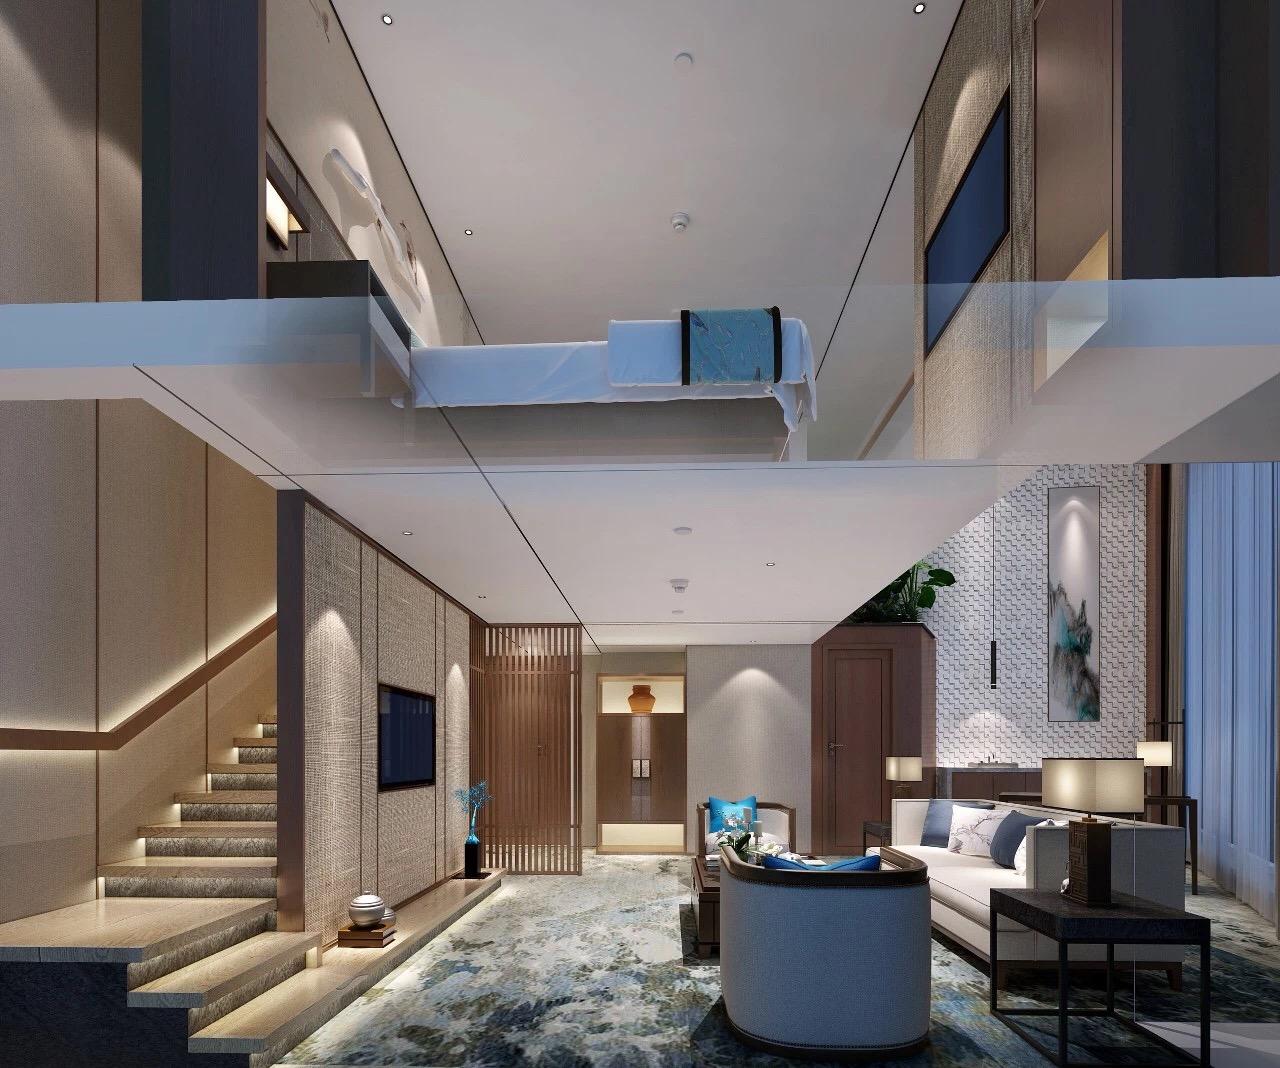 复式公寓装修适合哪种风格呢